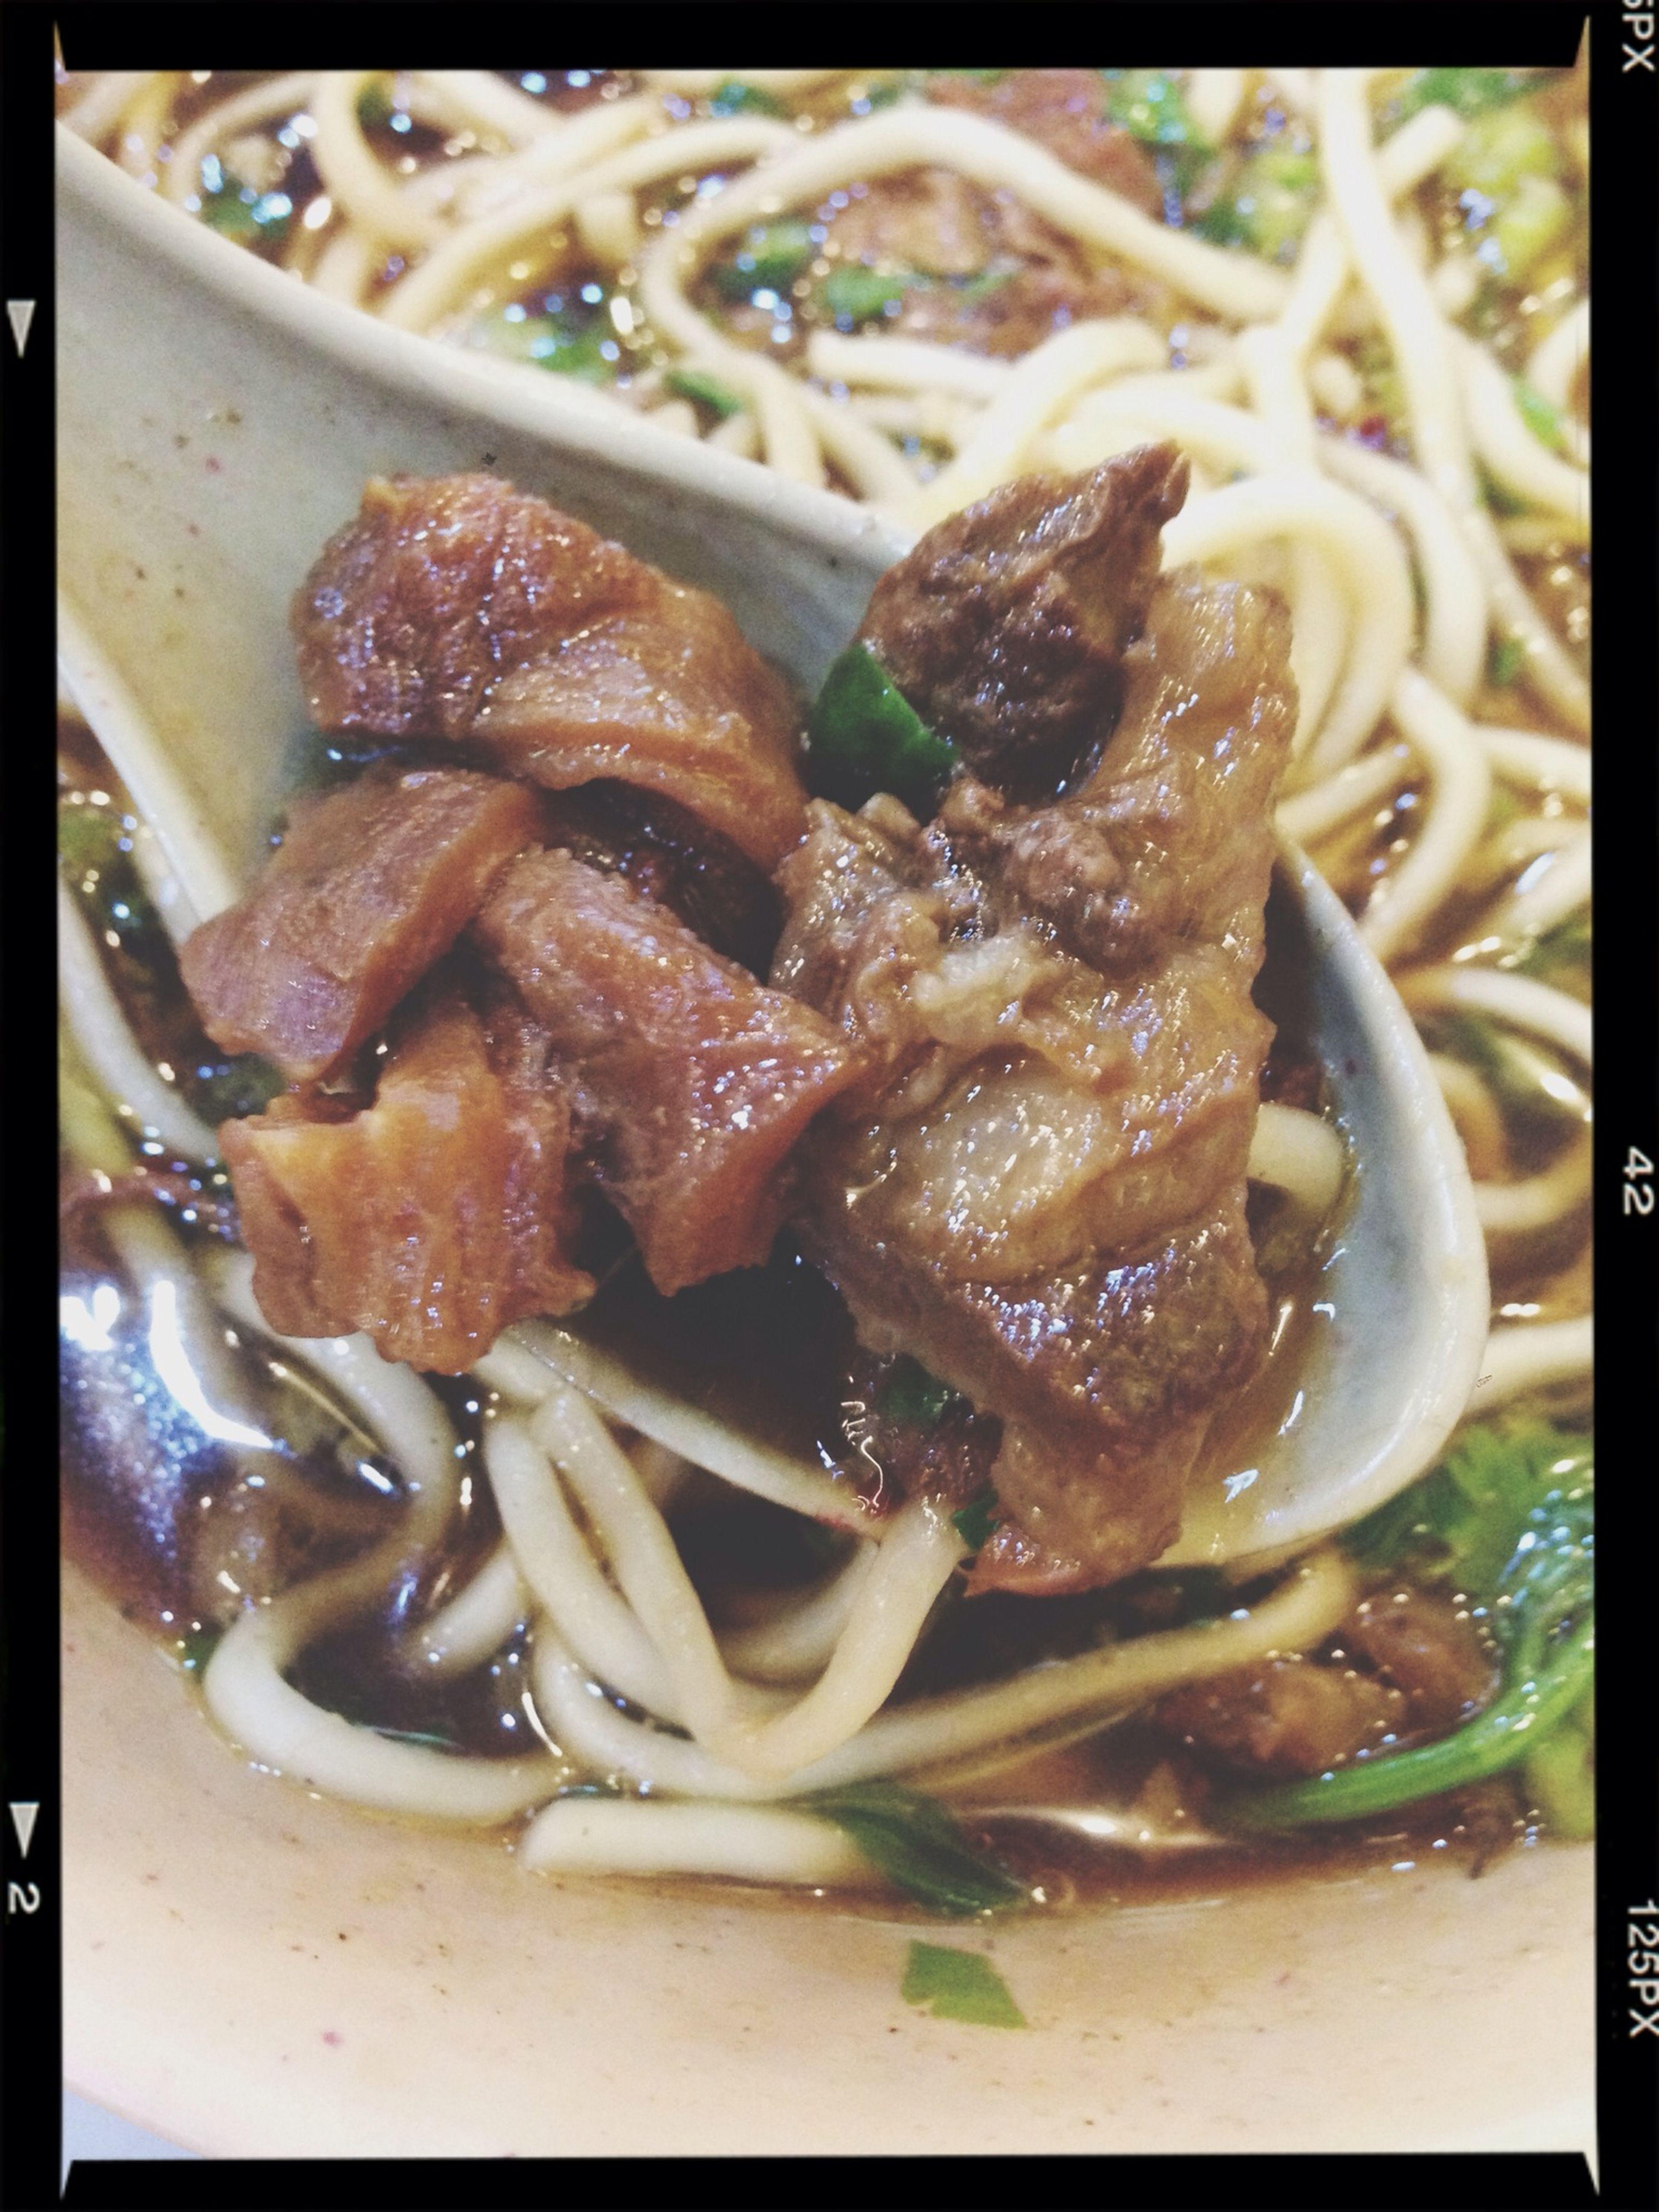 好吃到爆炸。RMB15元、一碗却有18块口口带筋的牛肉!!美味无处不在、